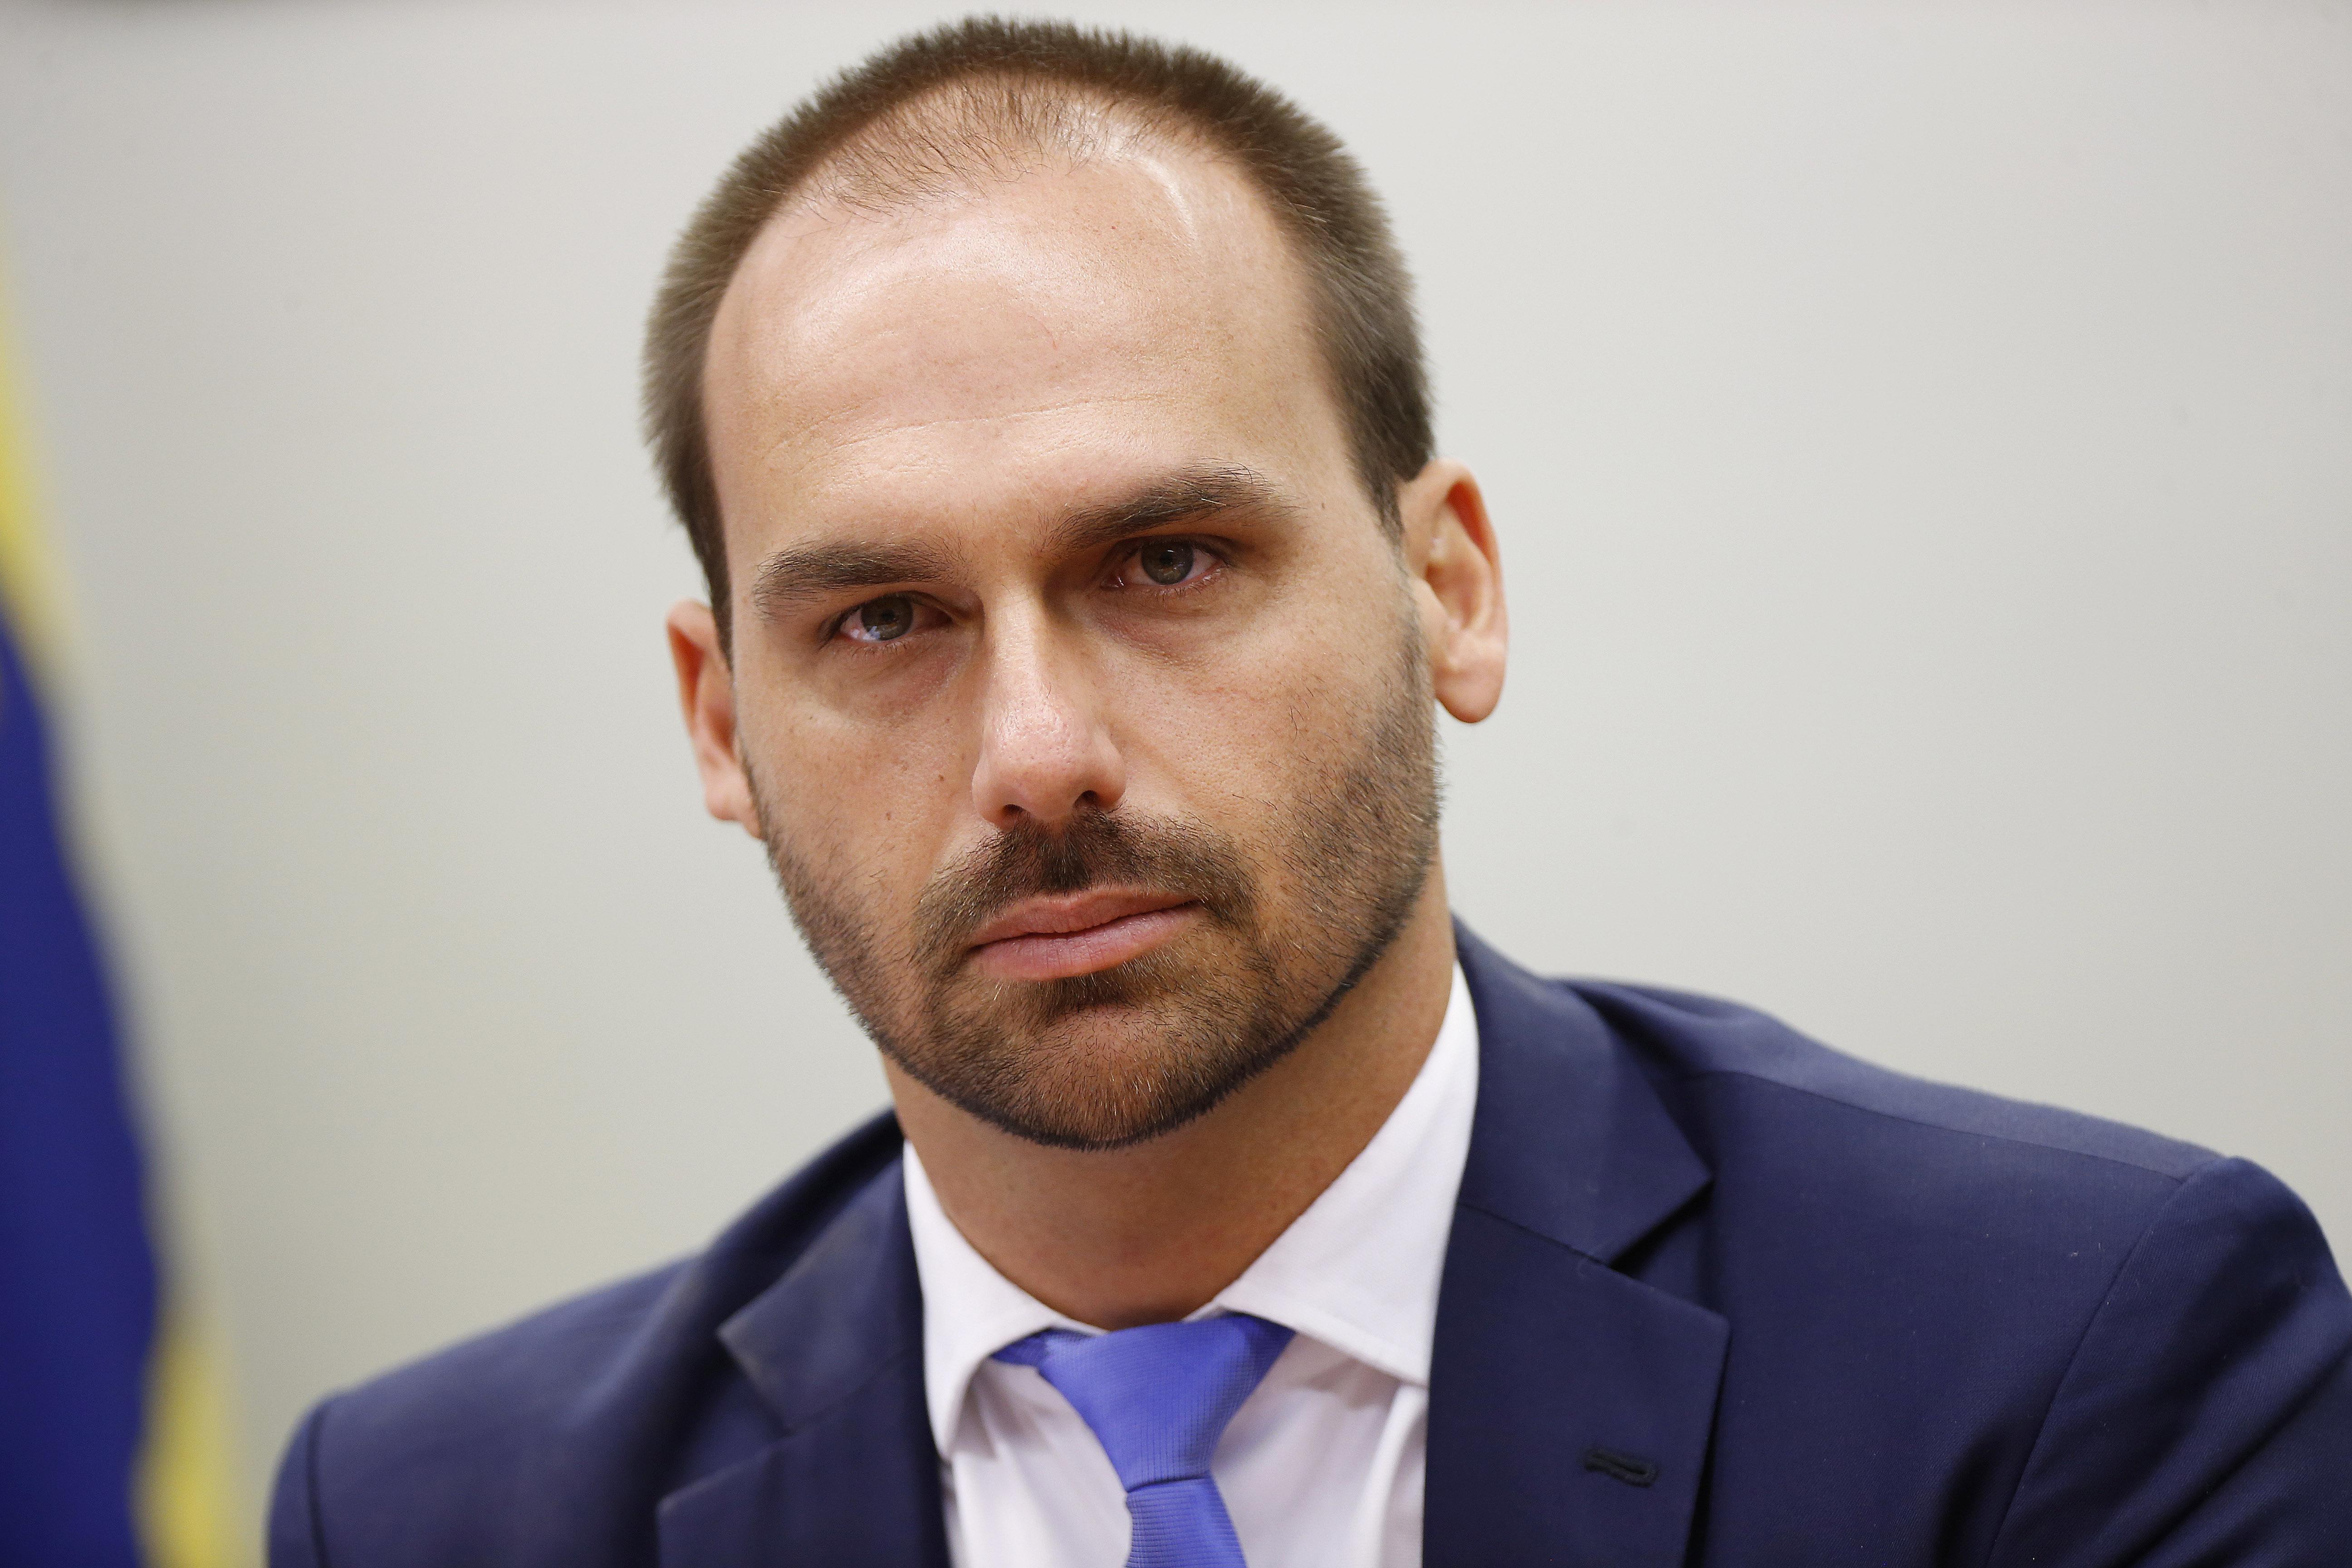 IMAGEM: AGU defende que indicação de Eduardo Bolsonaro para embaixada é legal